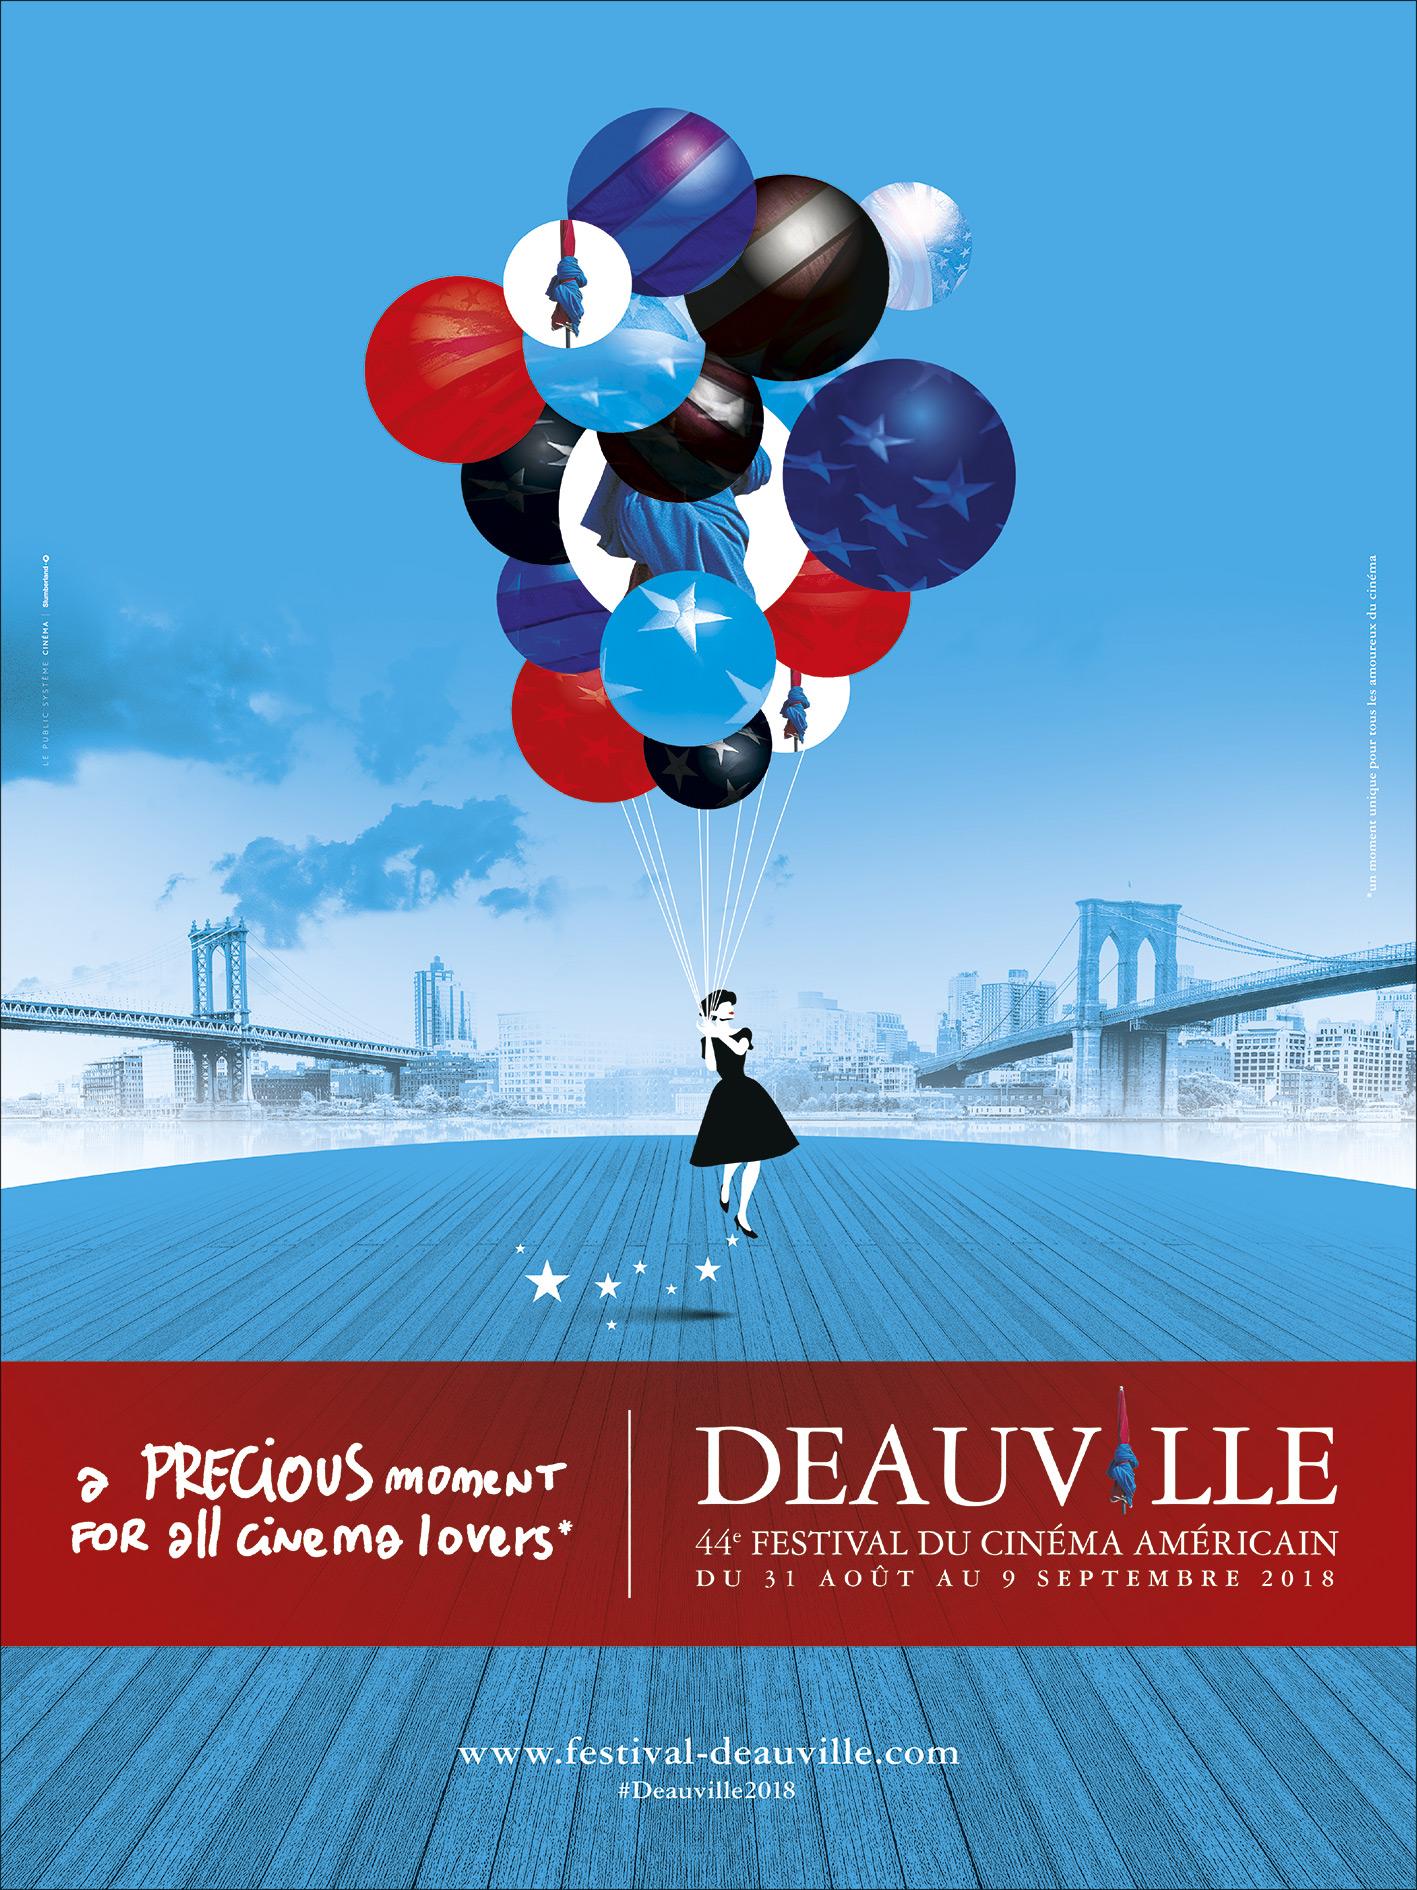 44e Festival du Cinéma Américain de Deauville